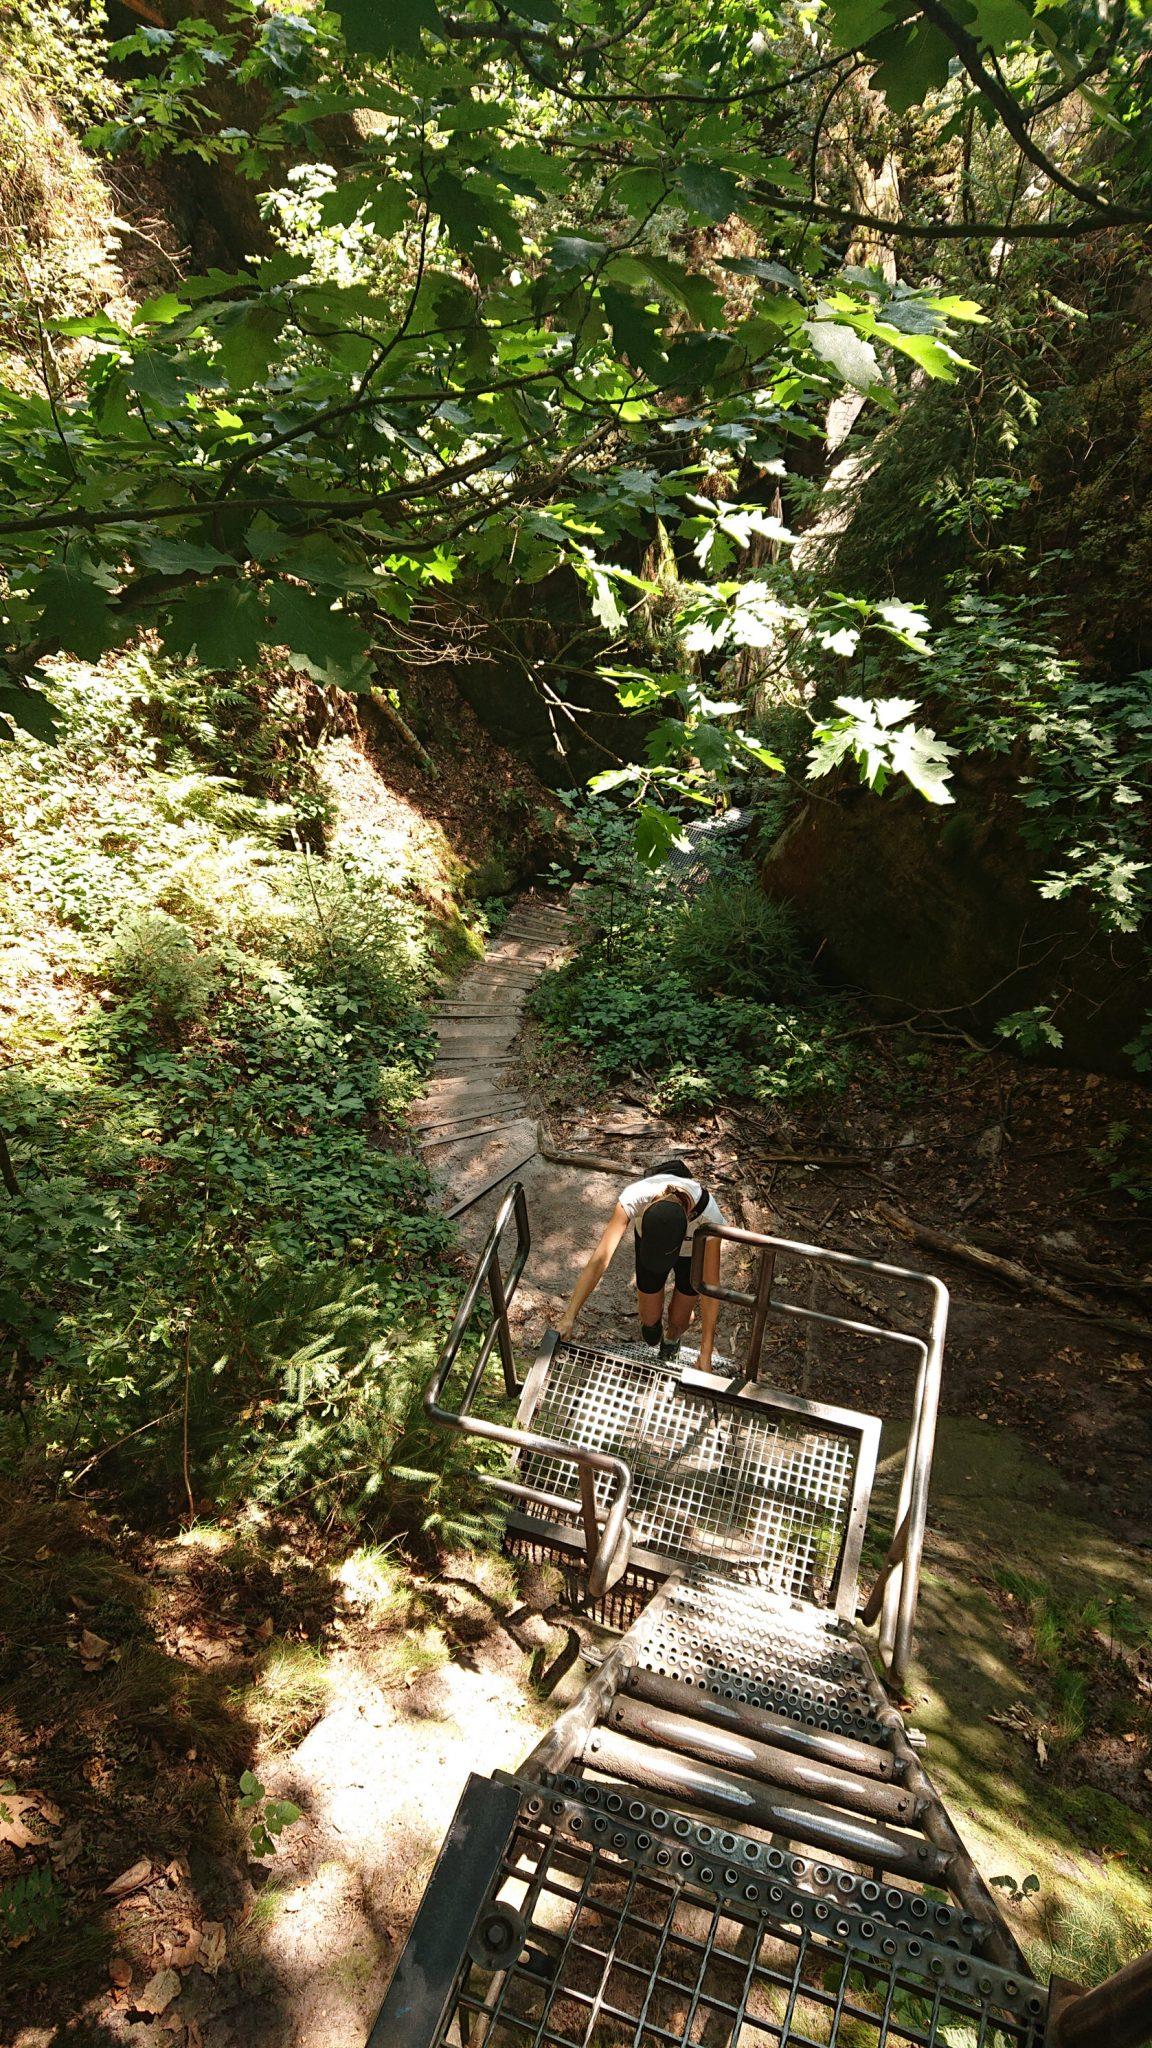 Hohe Liebe Schrammsteine Carolafelsen, Wanderweg im Wanderparadies Sächsische Schweiz mit vielen tollen Aussichten, riesiger Felsennationalpark, einige Höhenmeter über Metalltreppen überwinden macht Spaß und ist sehr abwechslungsreich